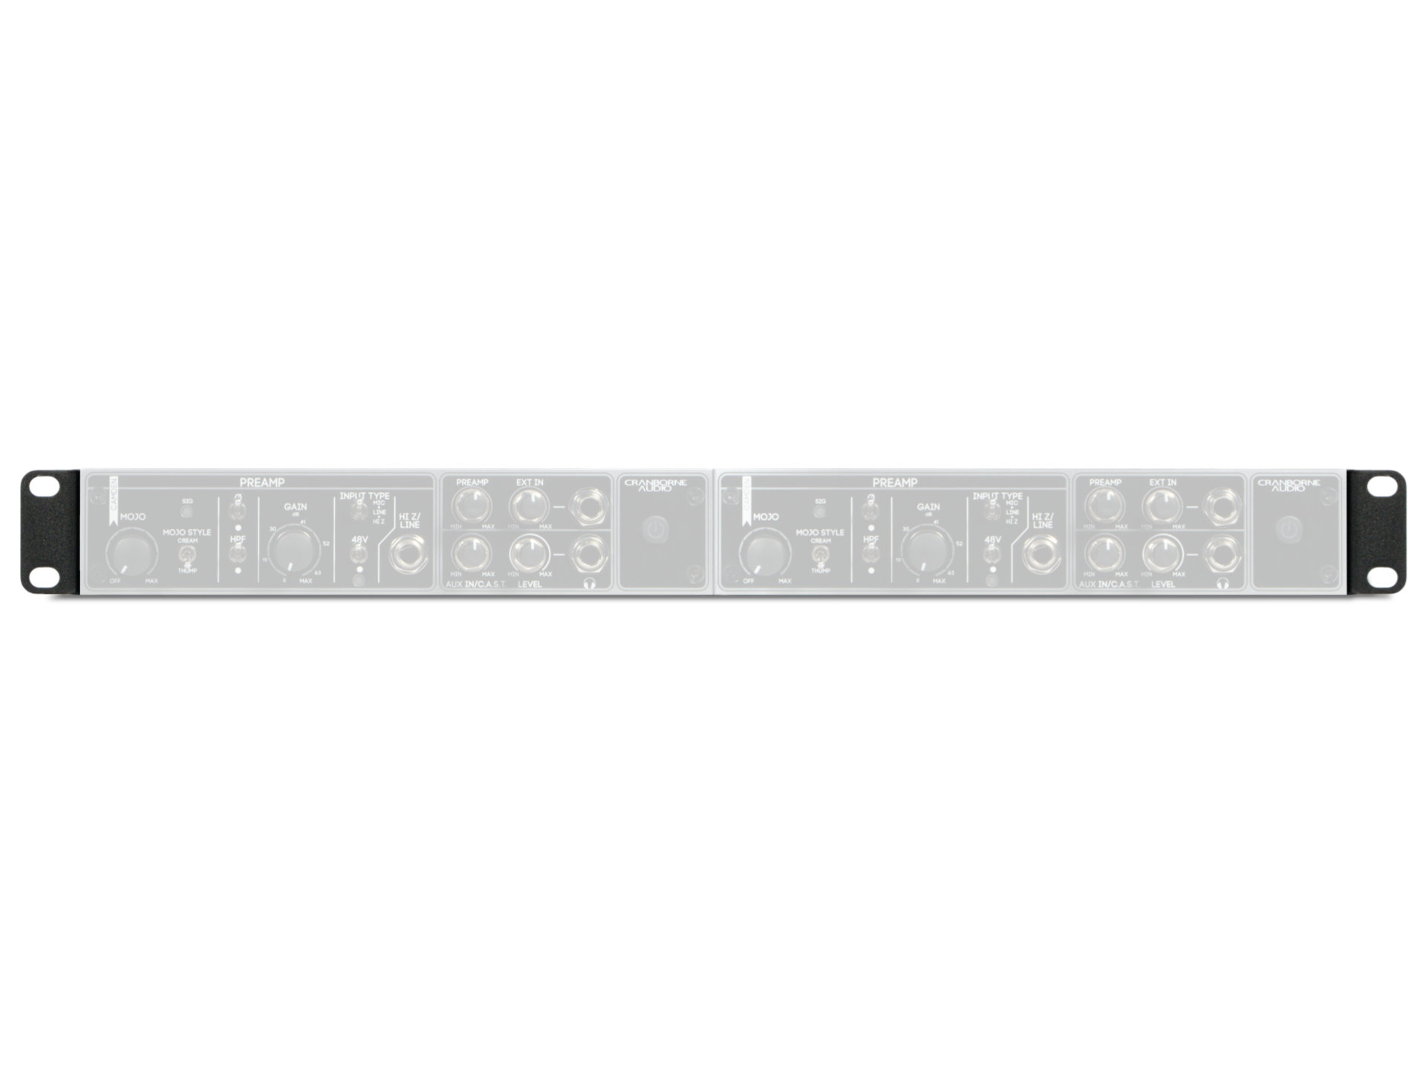 HRK_Full_Rack_Join_Config_JPEG_72dpi_WhiteBG